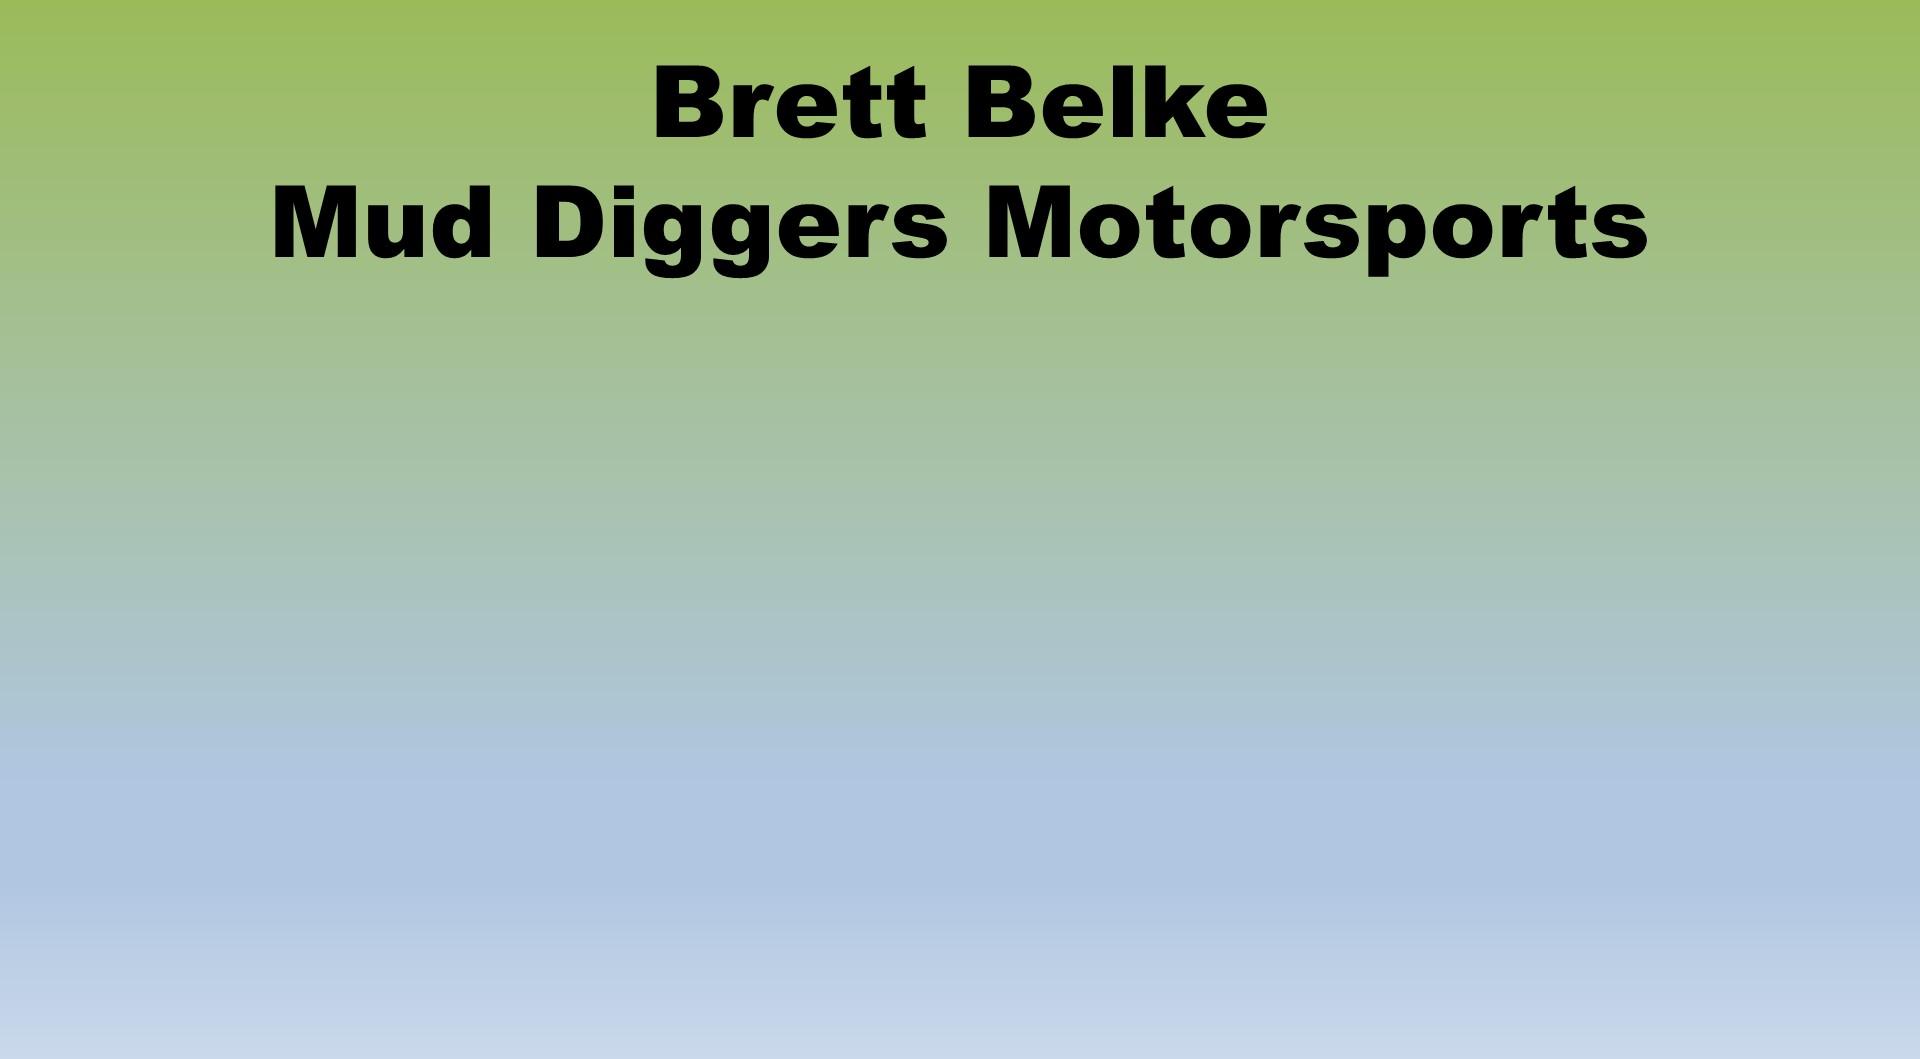 Brett Belke Placeholder.jpg